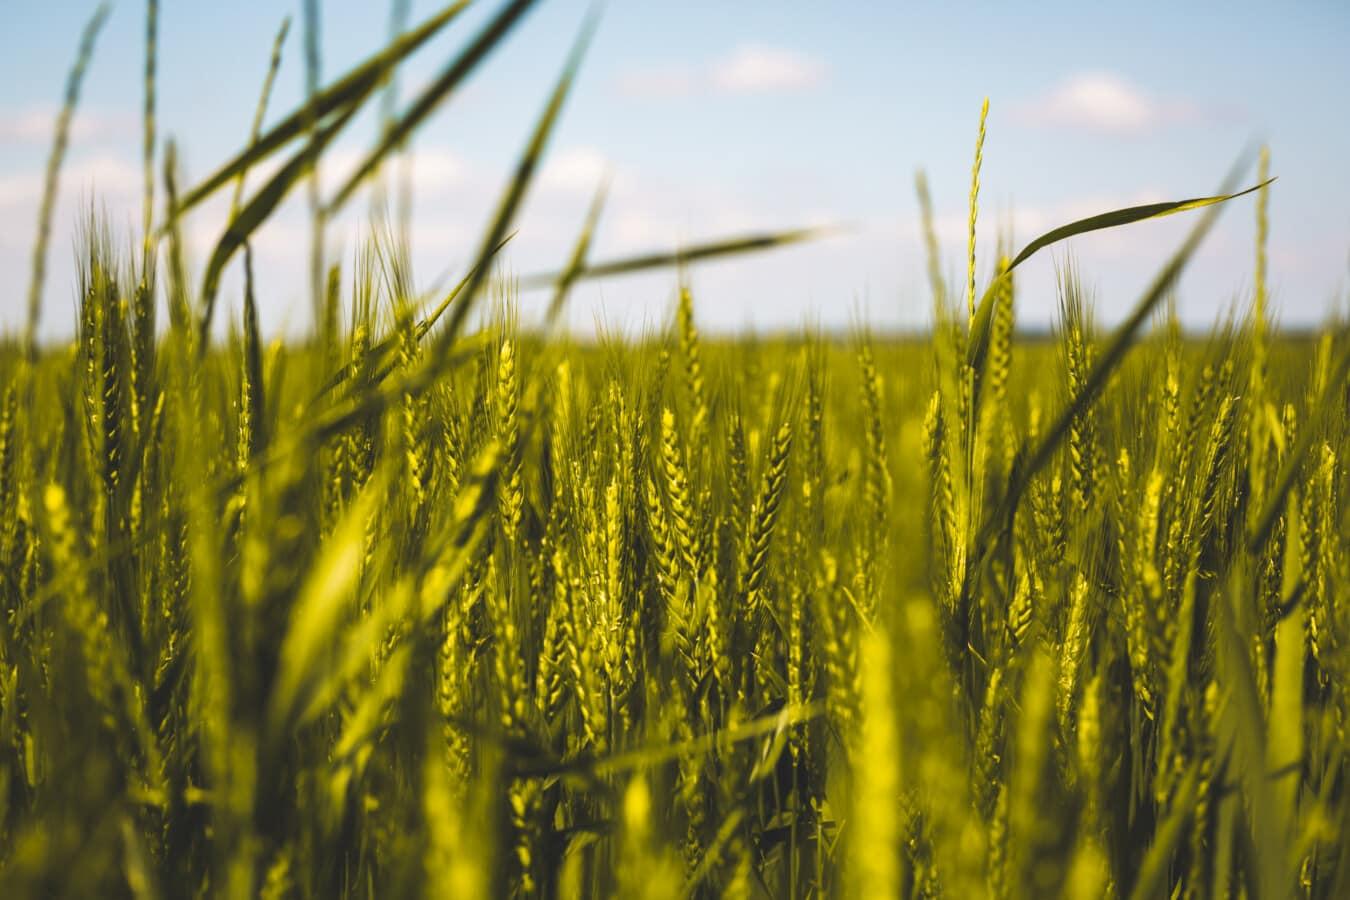 agricole, Wheatfield, câmp, până aproape, paie, frunze, galben verzui, ferma, cereale, vara